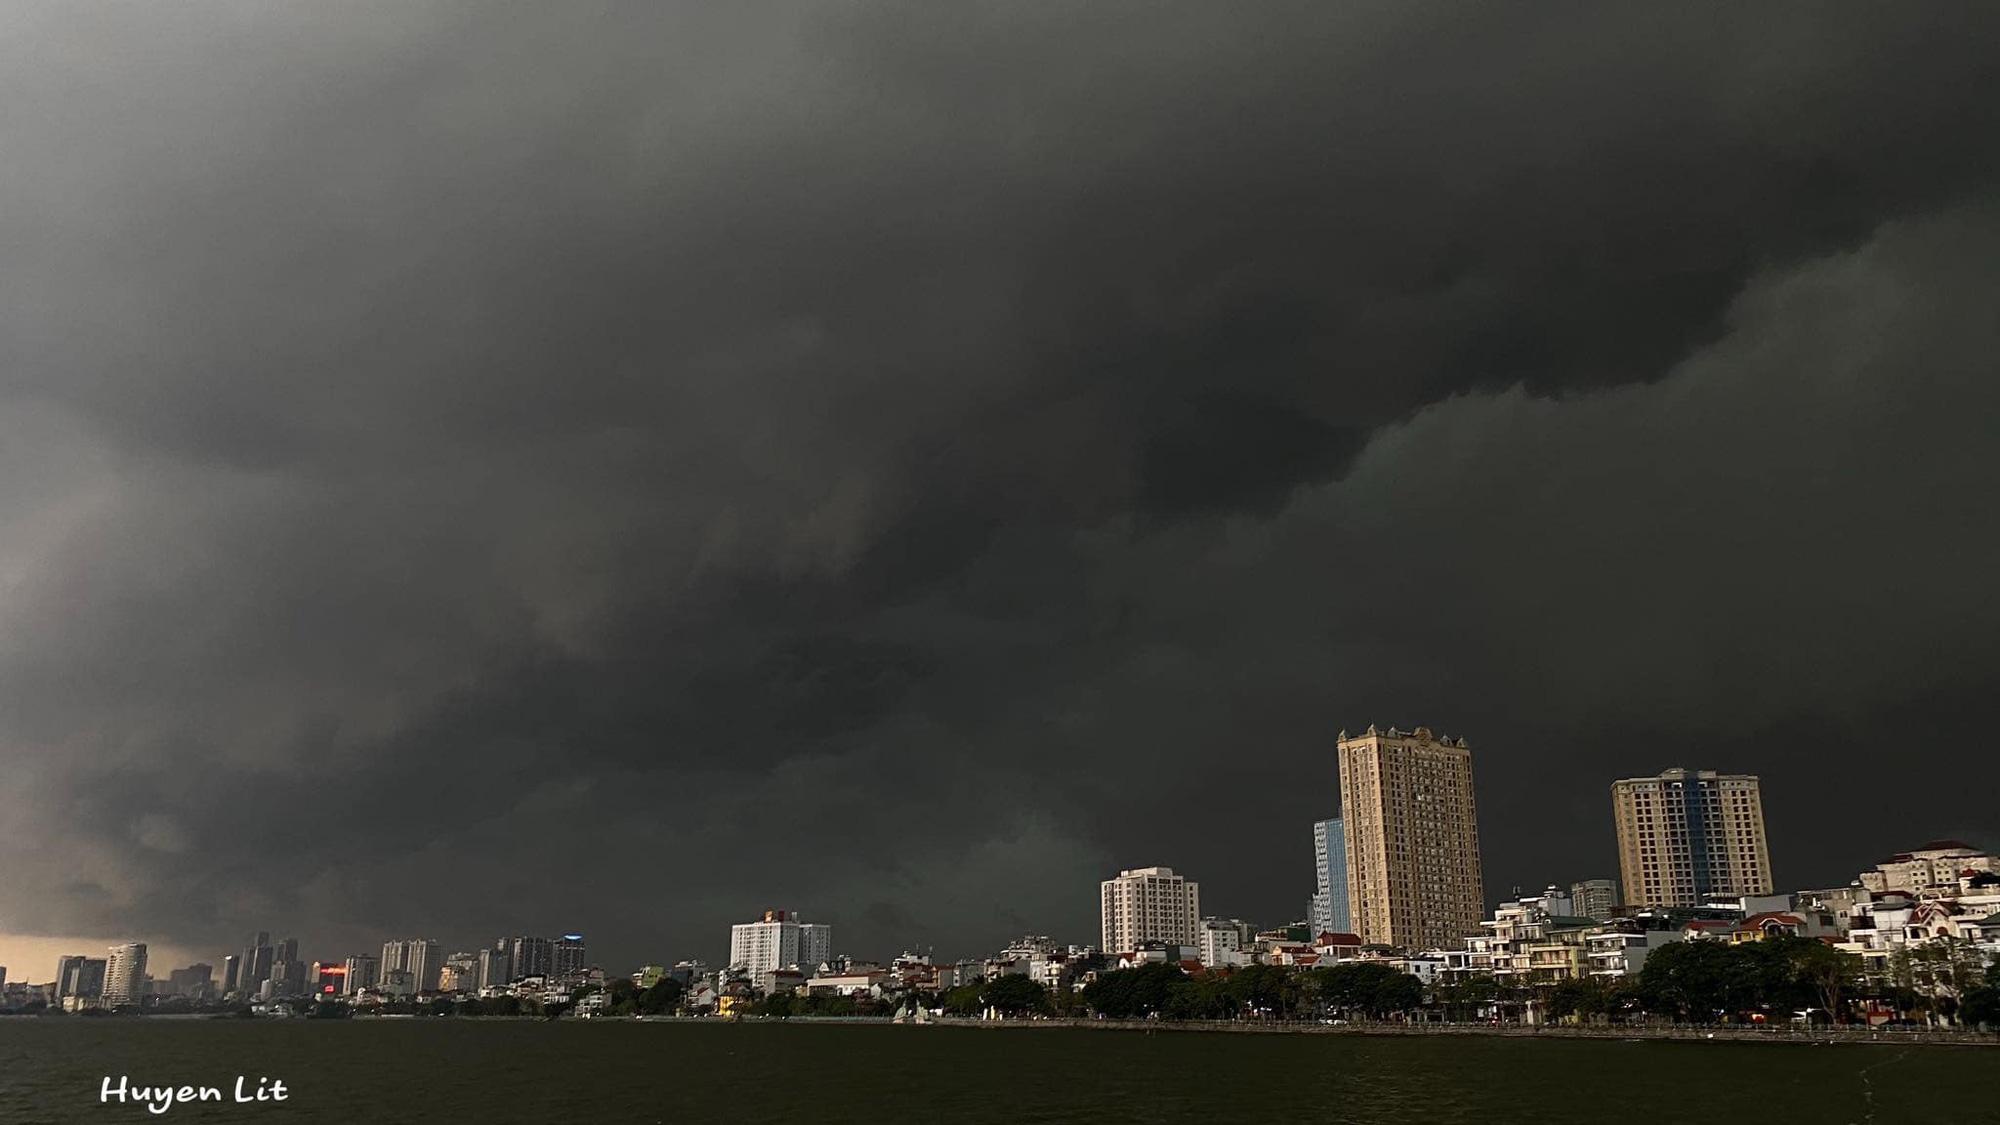 Hiện tượng thời tiết cực đoan: Trời tối sầm nguy cơ lốc và sét, người Hà Nội bật đèn di chuyển lúc 5h chiều 1